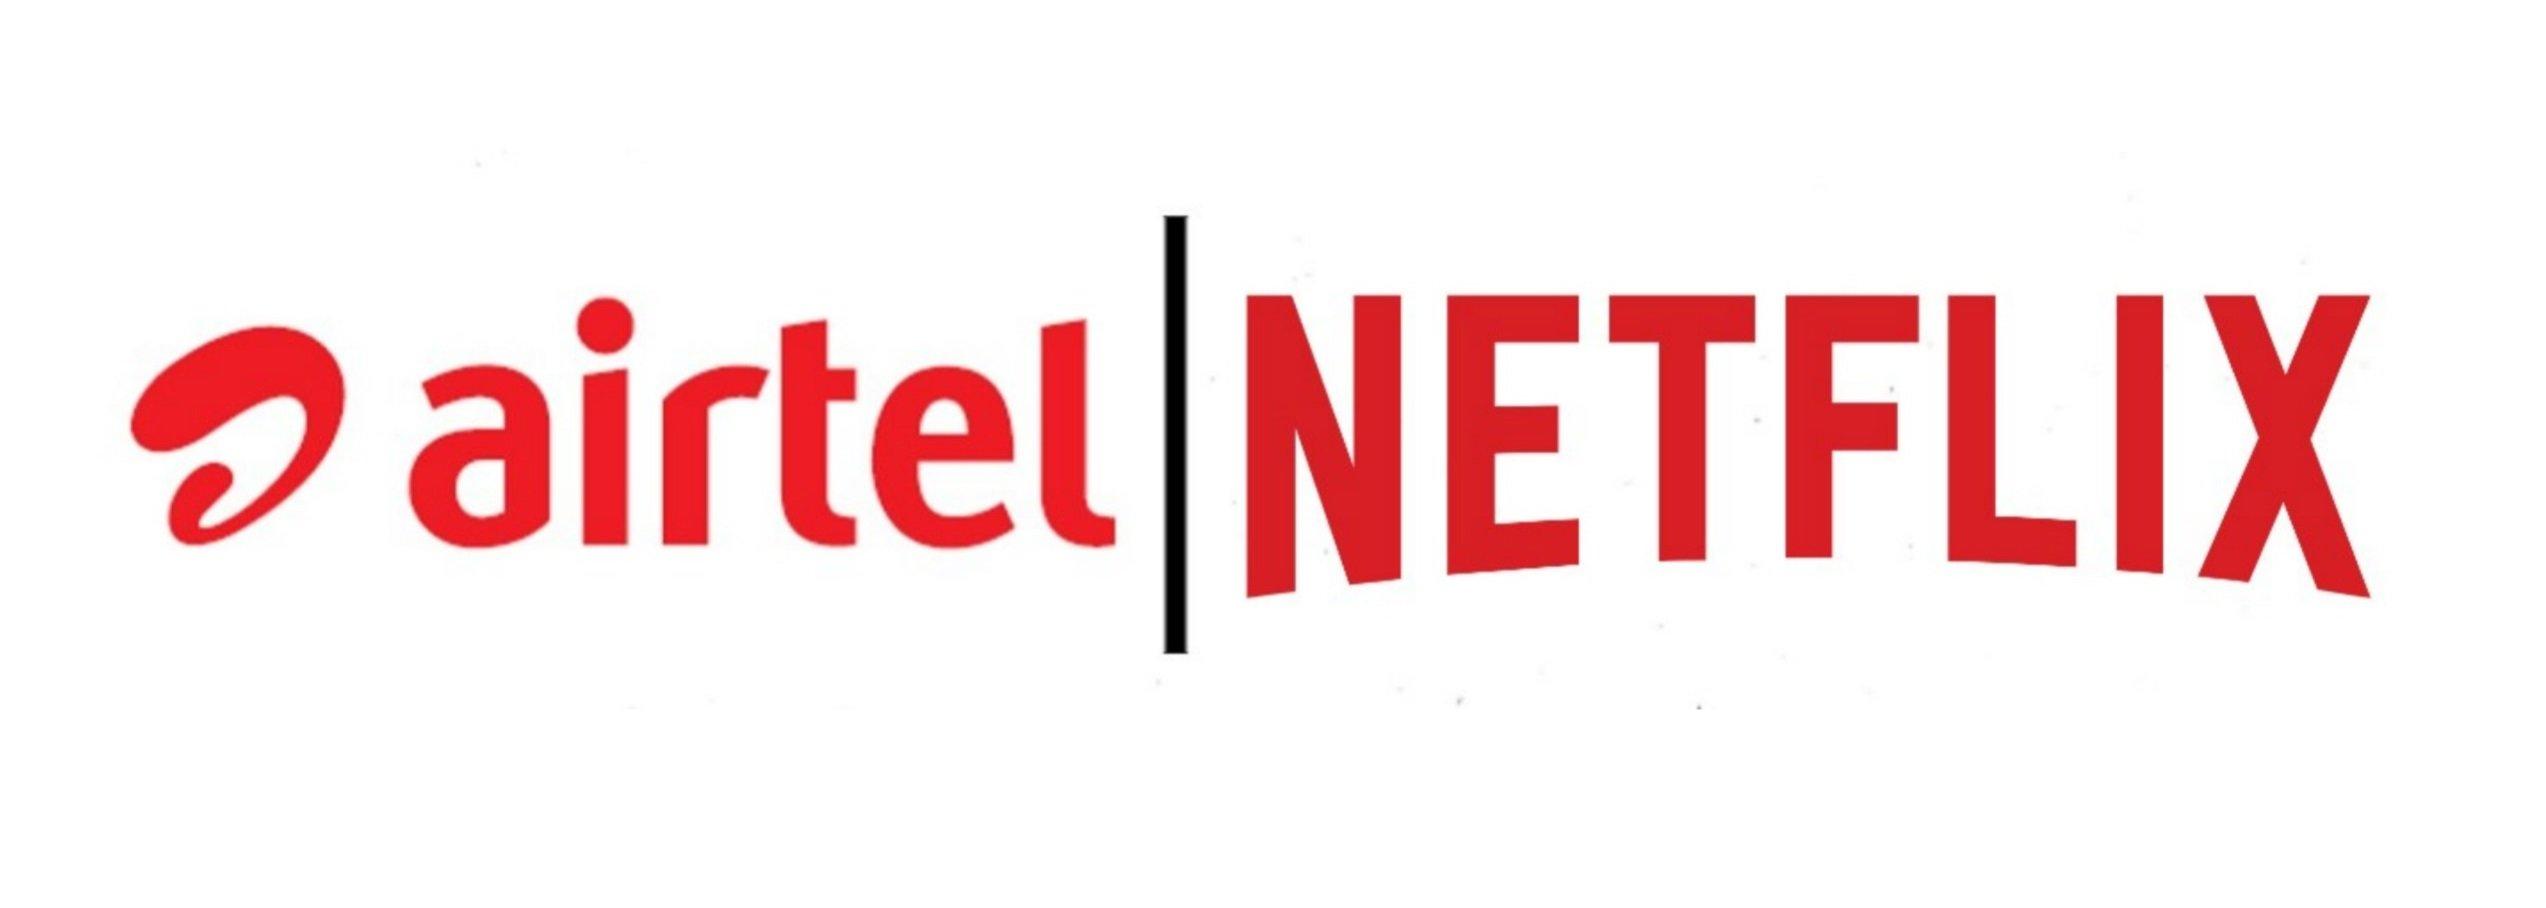 Airtel ending 3 Months Netflix offer from January 15